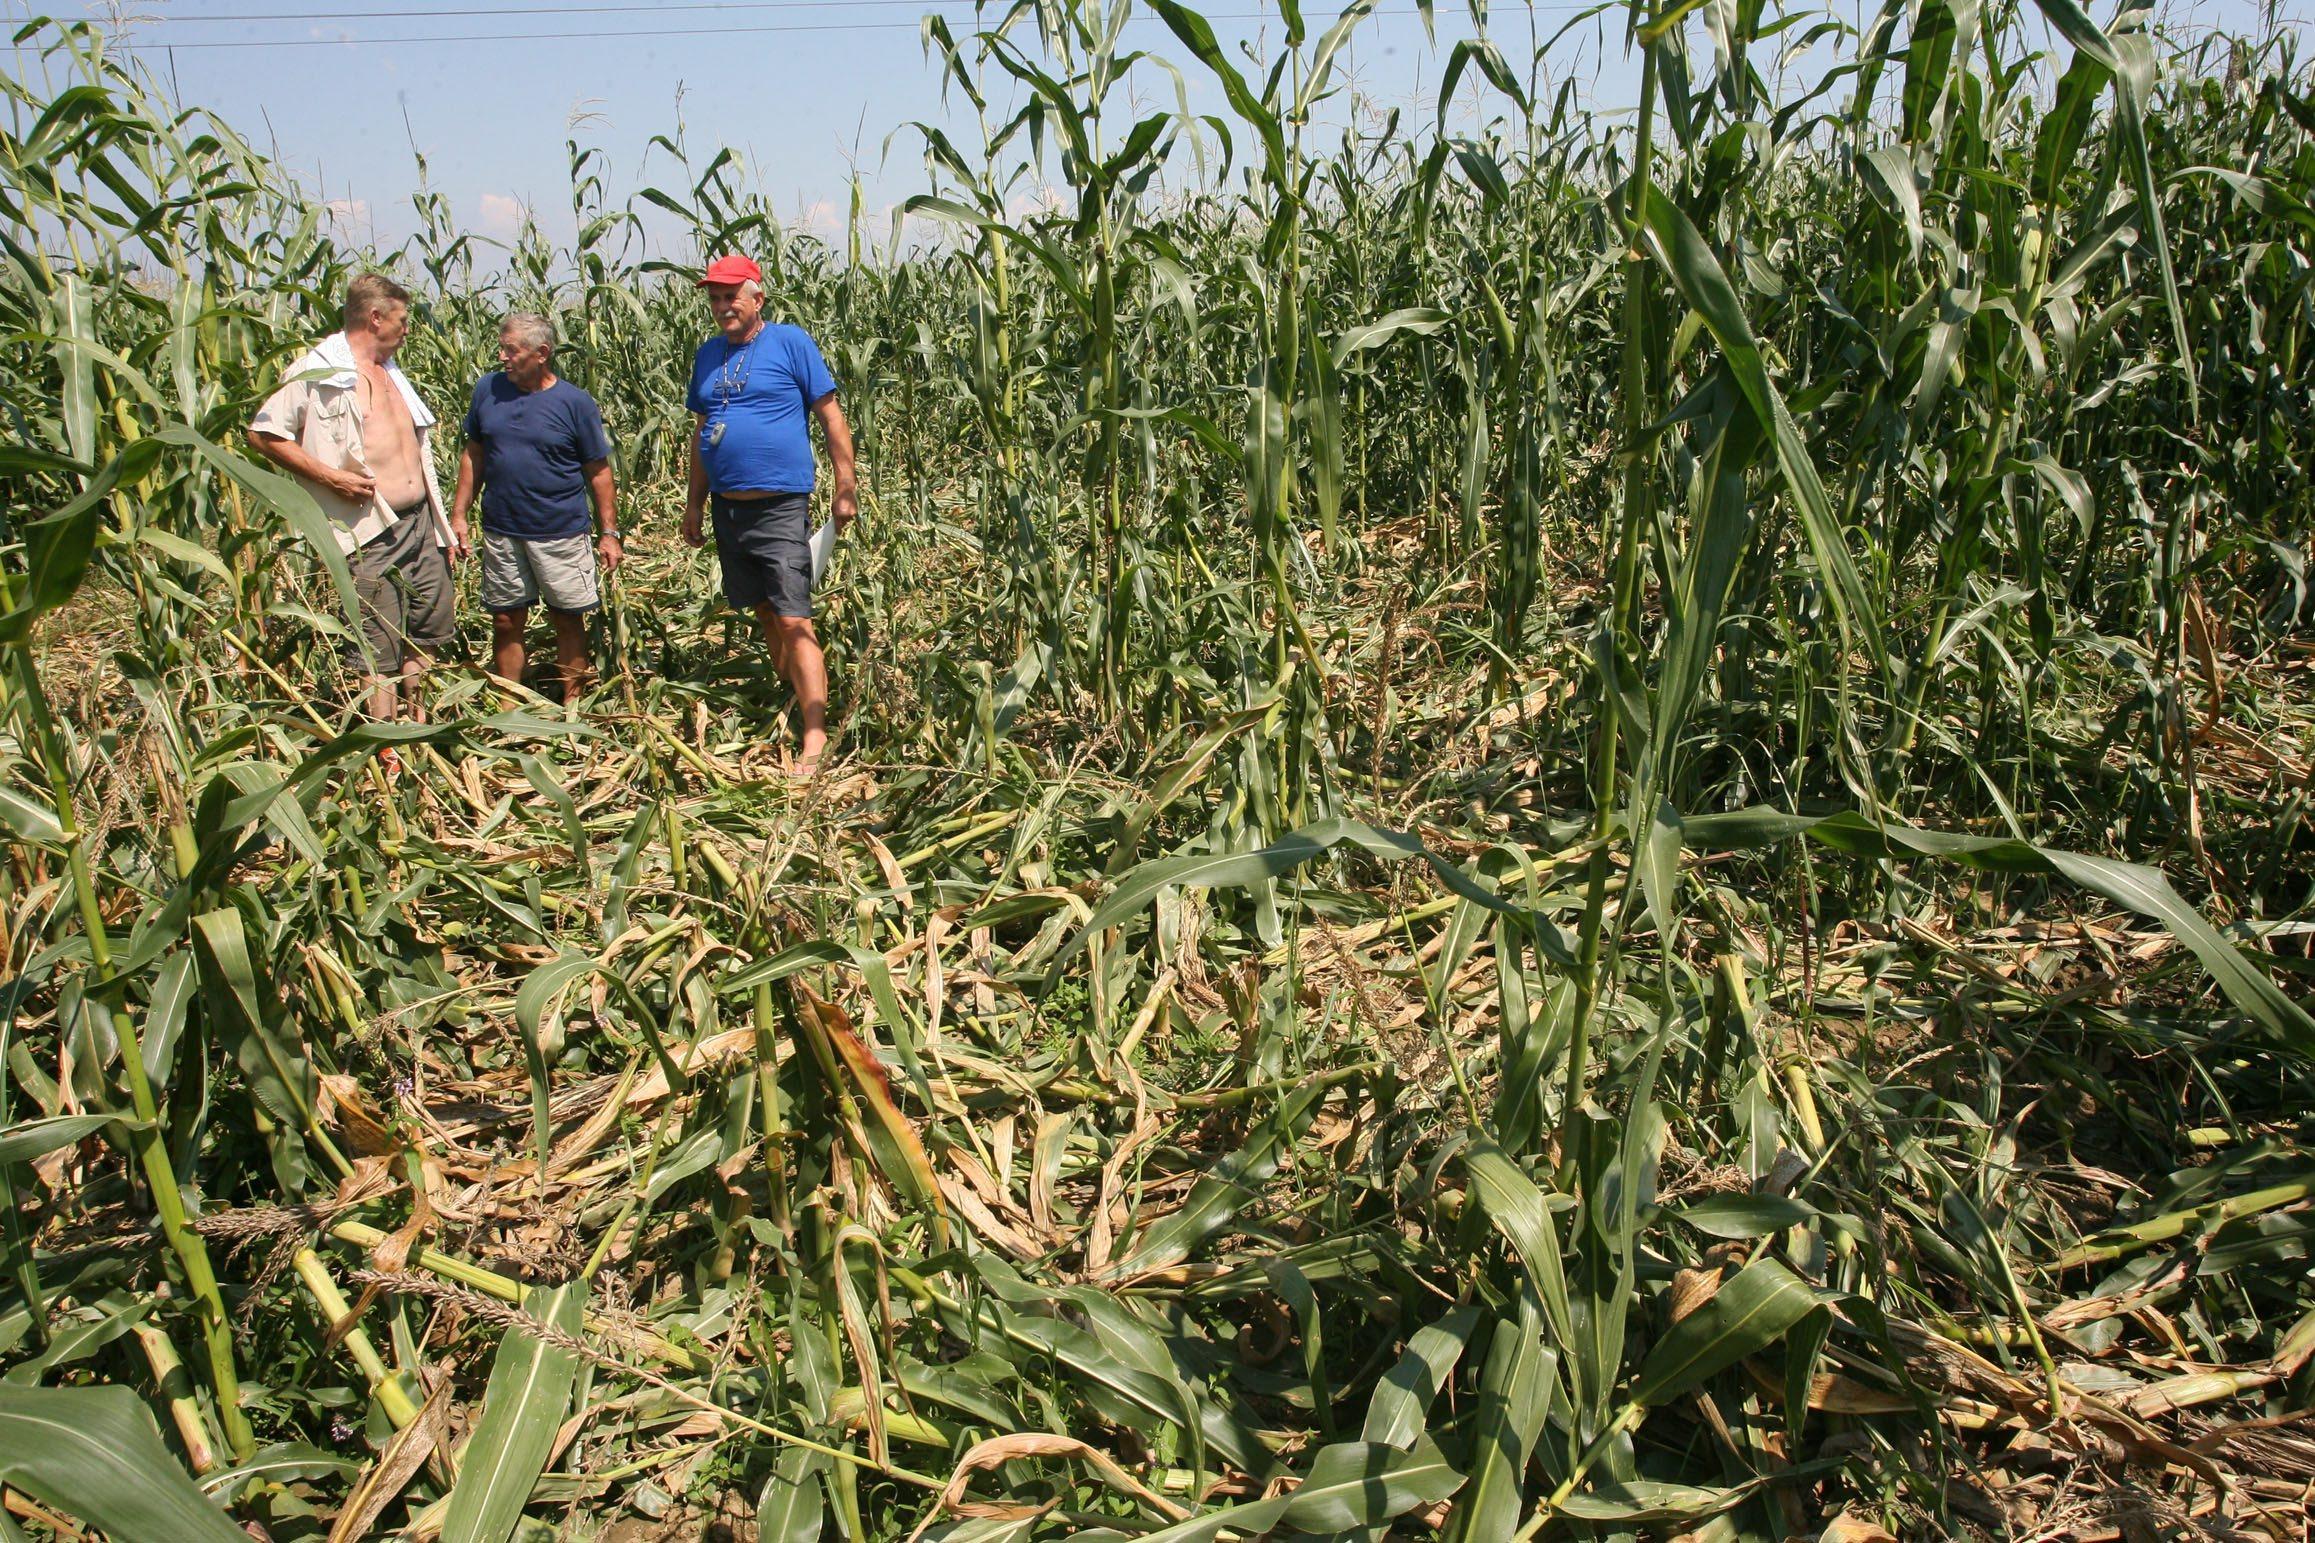 Sisak, 030808 Divlje svinje unistile oko 2 hektara polja zasijanog kukuruzom, ali kako kaze Mijo Dolenec najvise osteceni poljoprivrednik ( u sredini ) to nije konacna steta.S njim se slazu i Hrvoje Grabic i Ivica Posavec. Foto: Miro Arbutina / Cropix